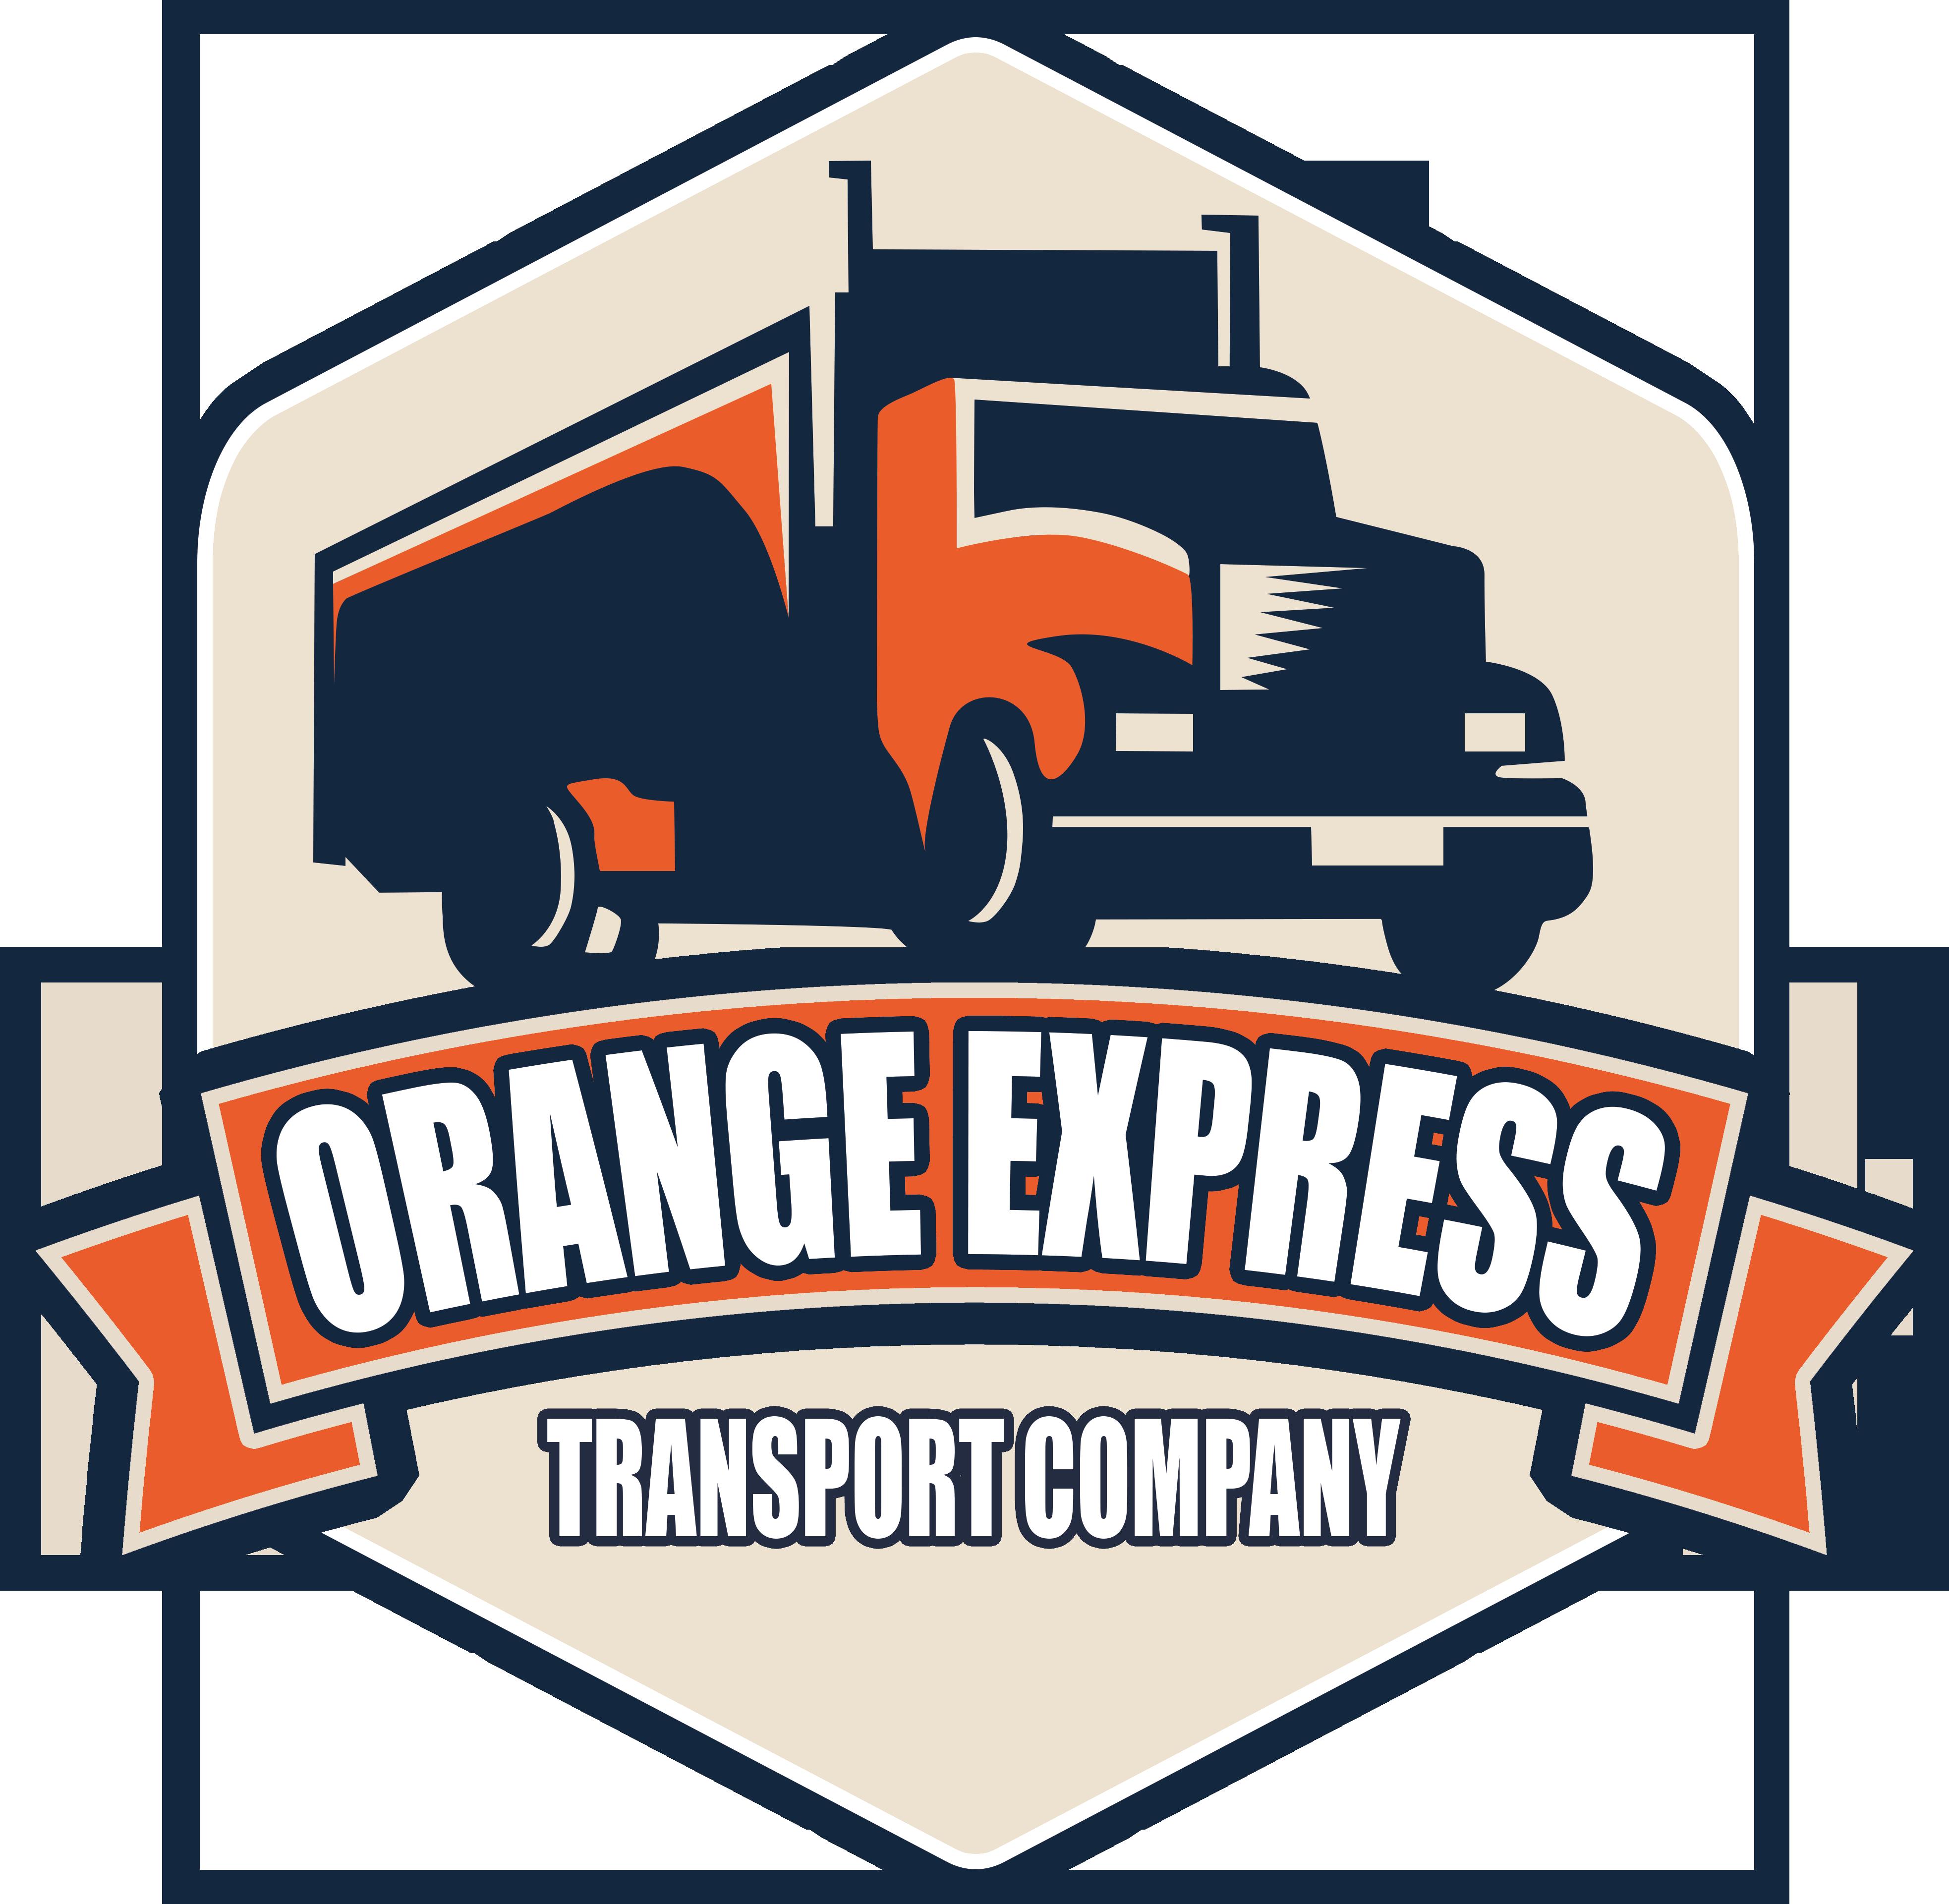 orange express